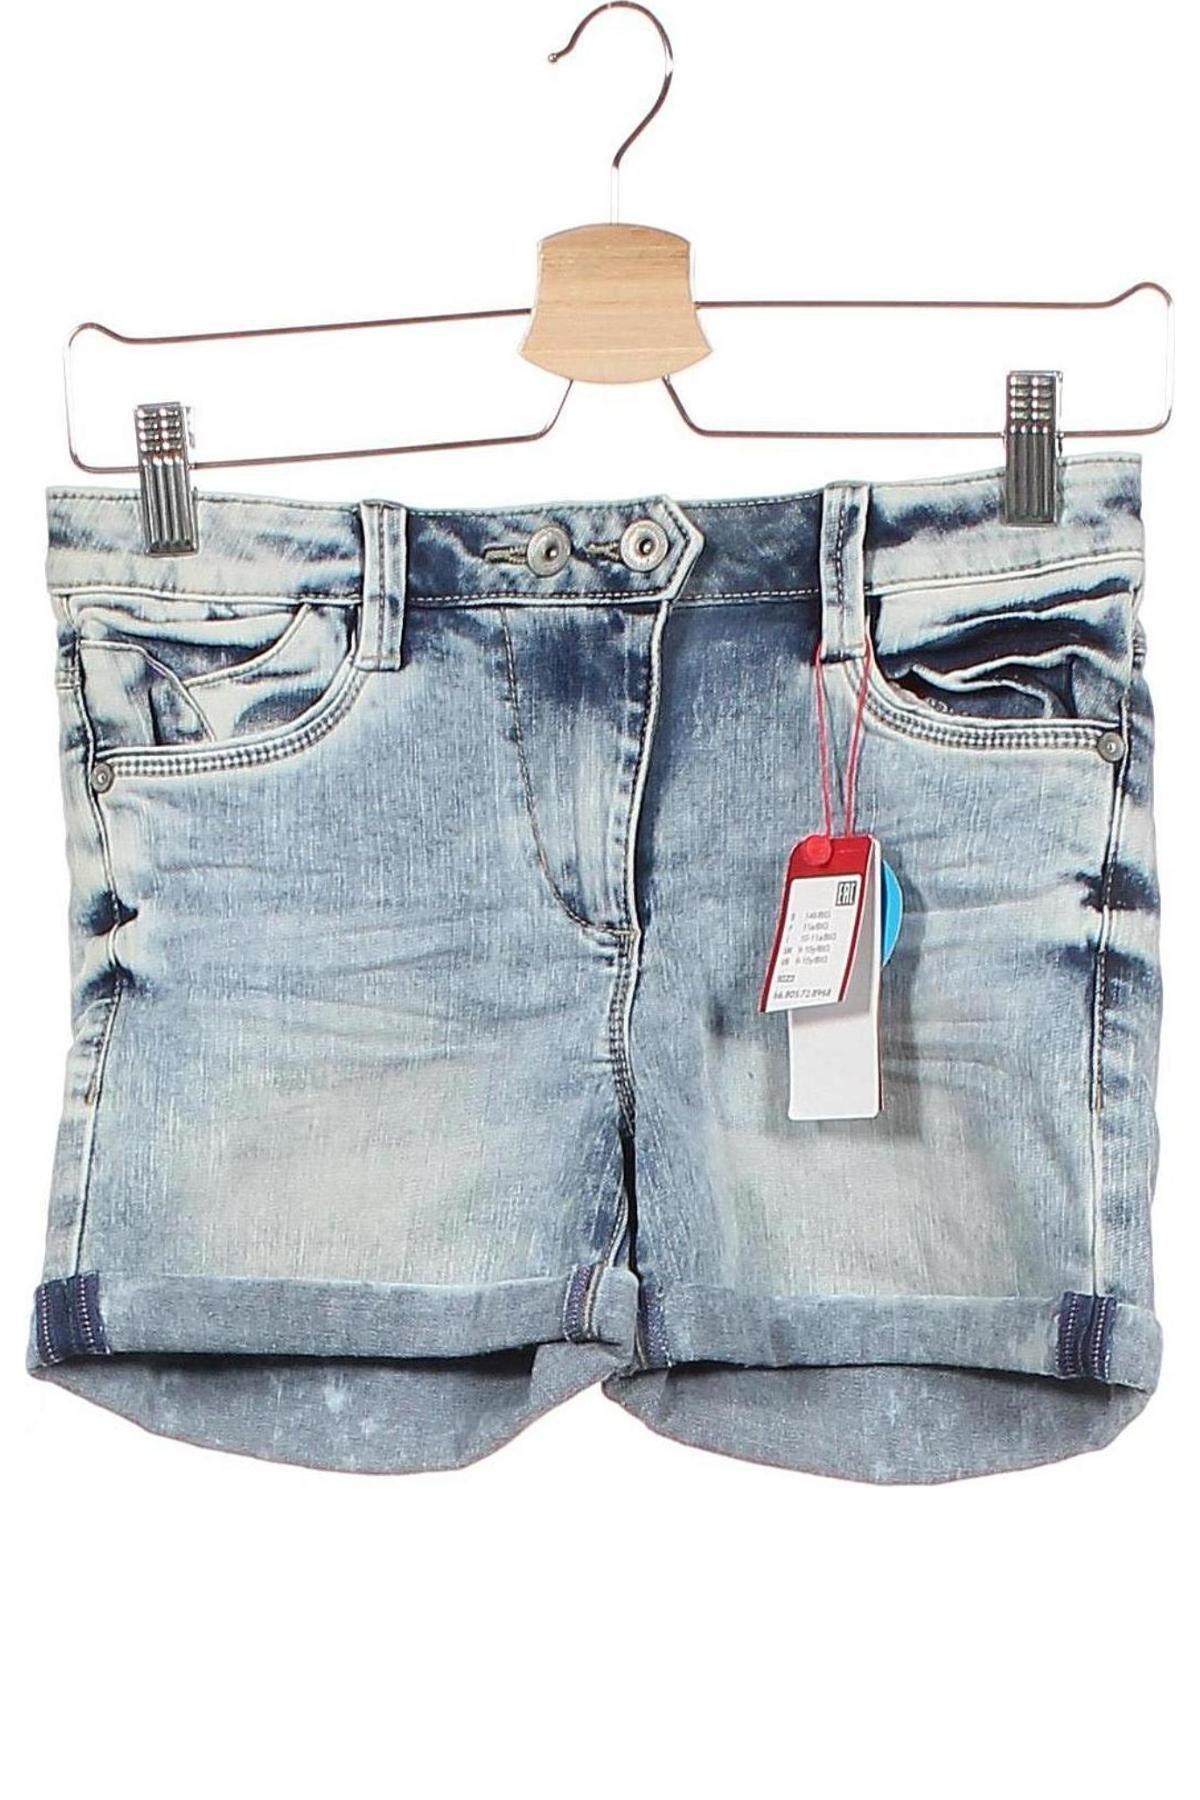 Παιδικό κοντό παντελόνι S.Oliver, Μέγεθος 9-10y/ 140-146 εκ., Χρώμα Μπλέ, 66% βαμβάκι, 29% πολυεστέρας, 3% βισκόζη, 2% ελαστάνη, Τιμή 16,88€